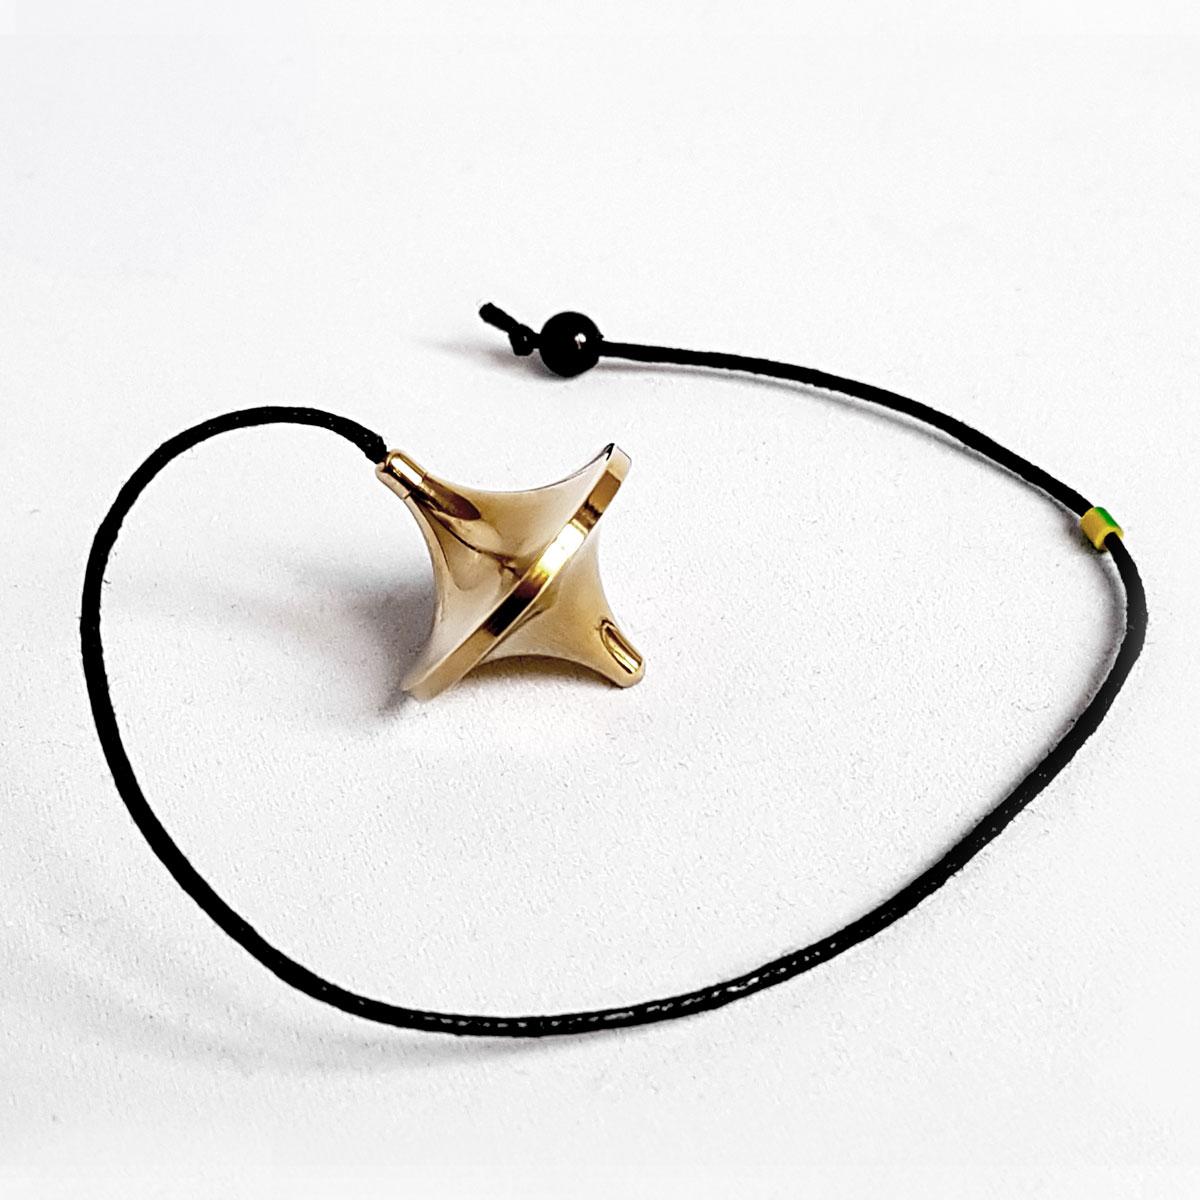 UFO Small Pendulum